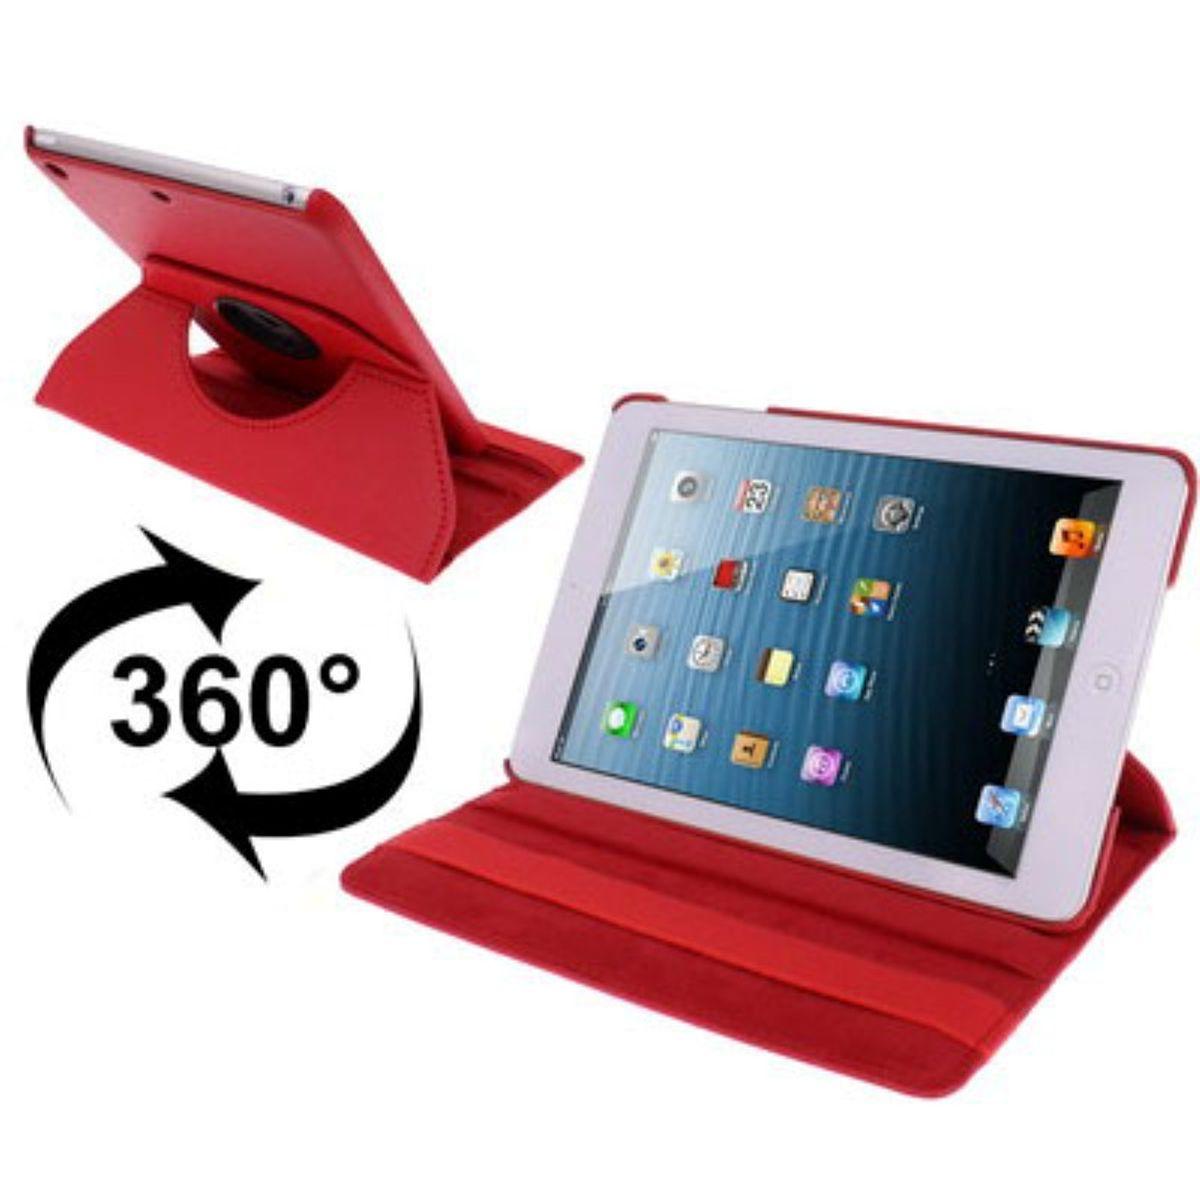 Hülle Tablethülle für Apple iPad mini / mini 2 Retina Rot